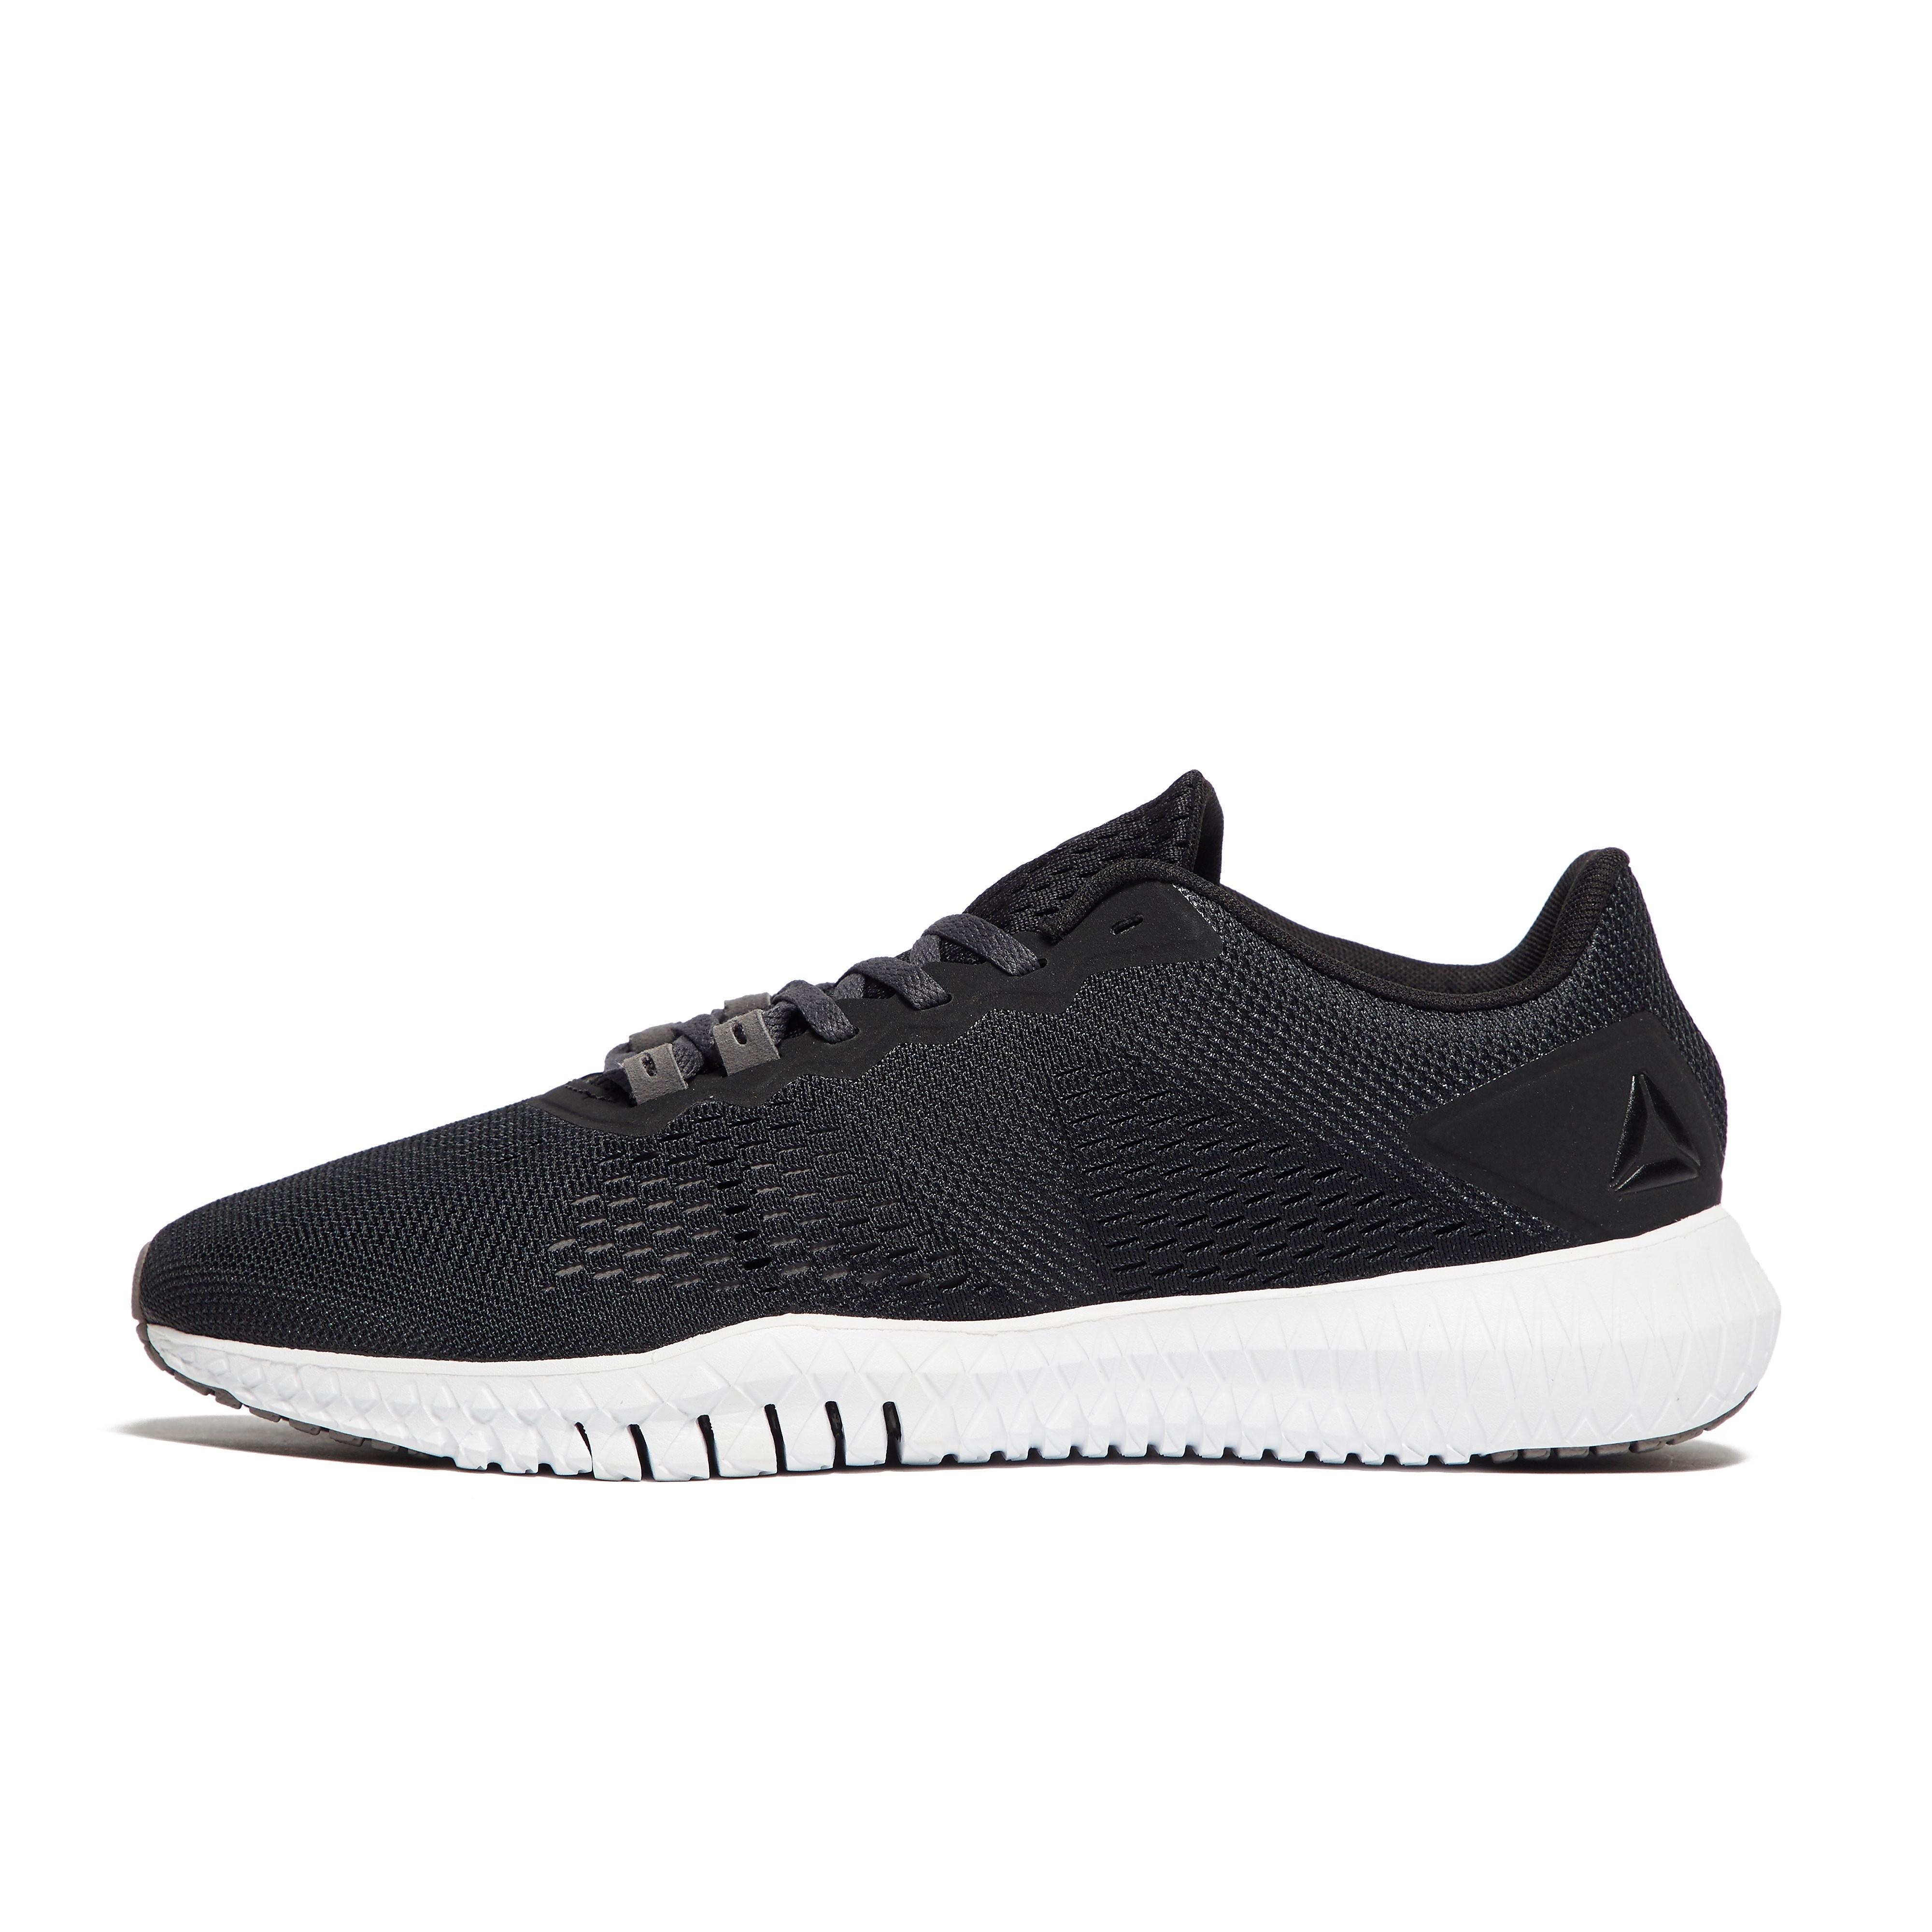 Mens Black Reebok Flexagon Training Shoes